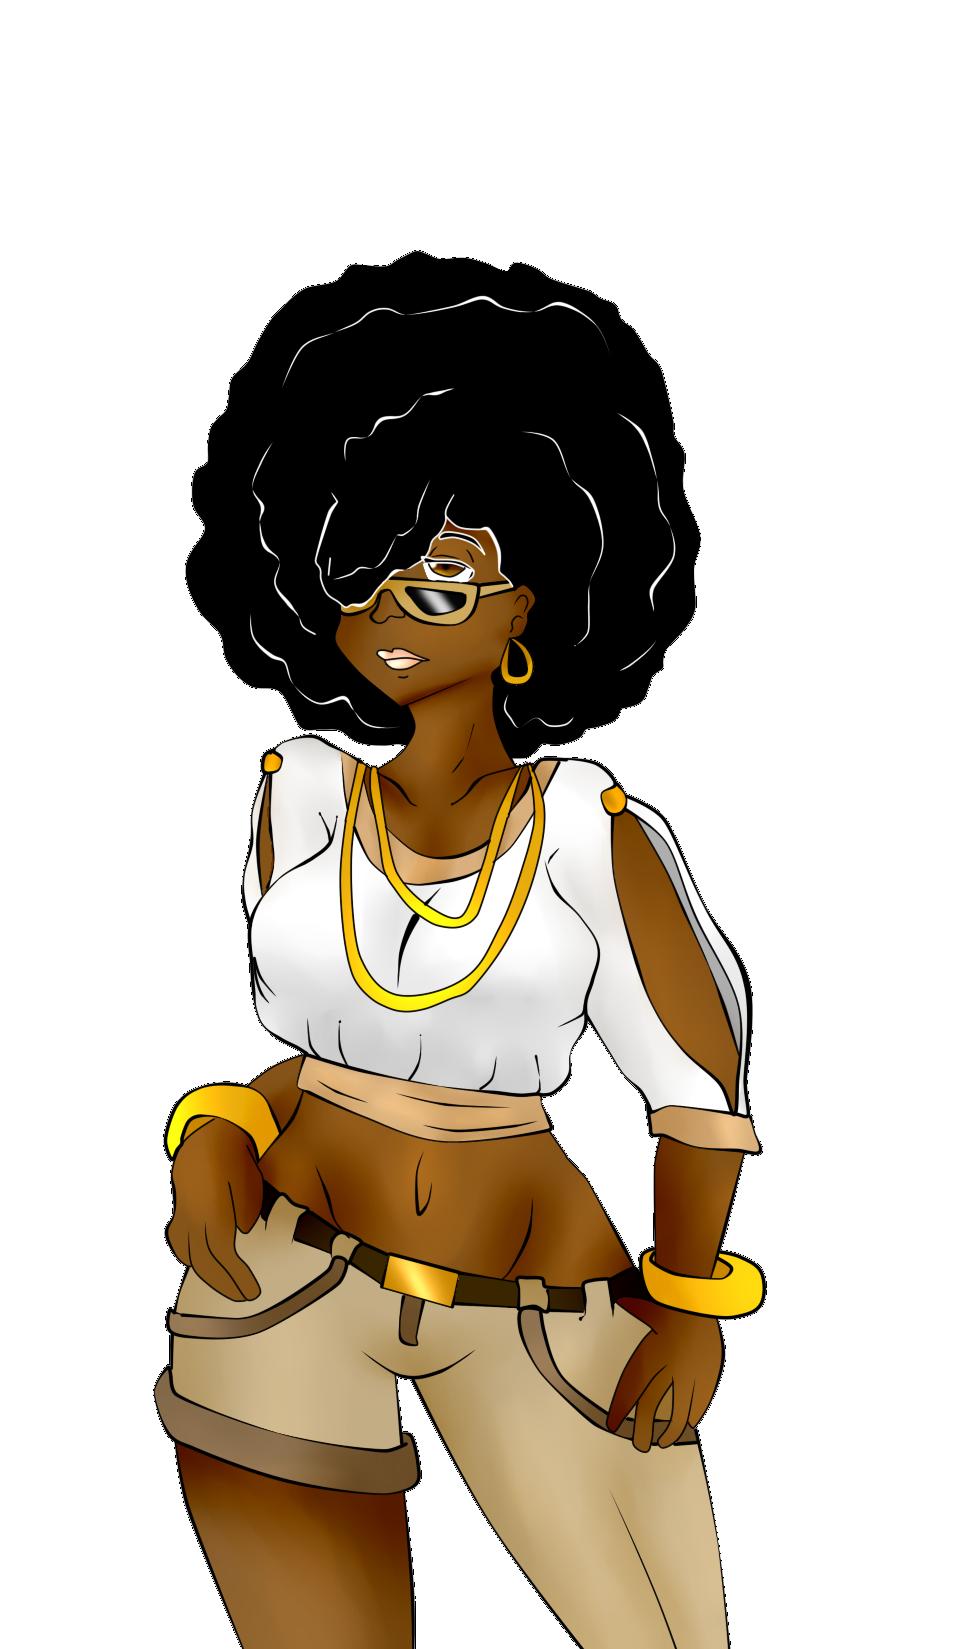 Queen clipart afro. Girl black art pinterest